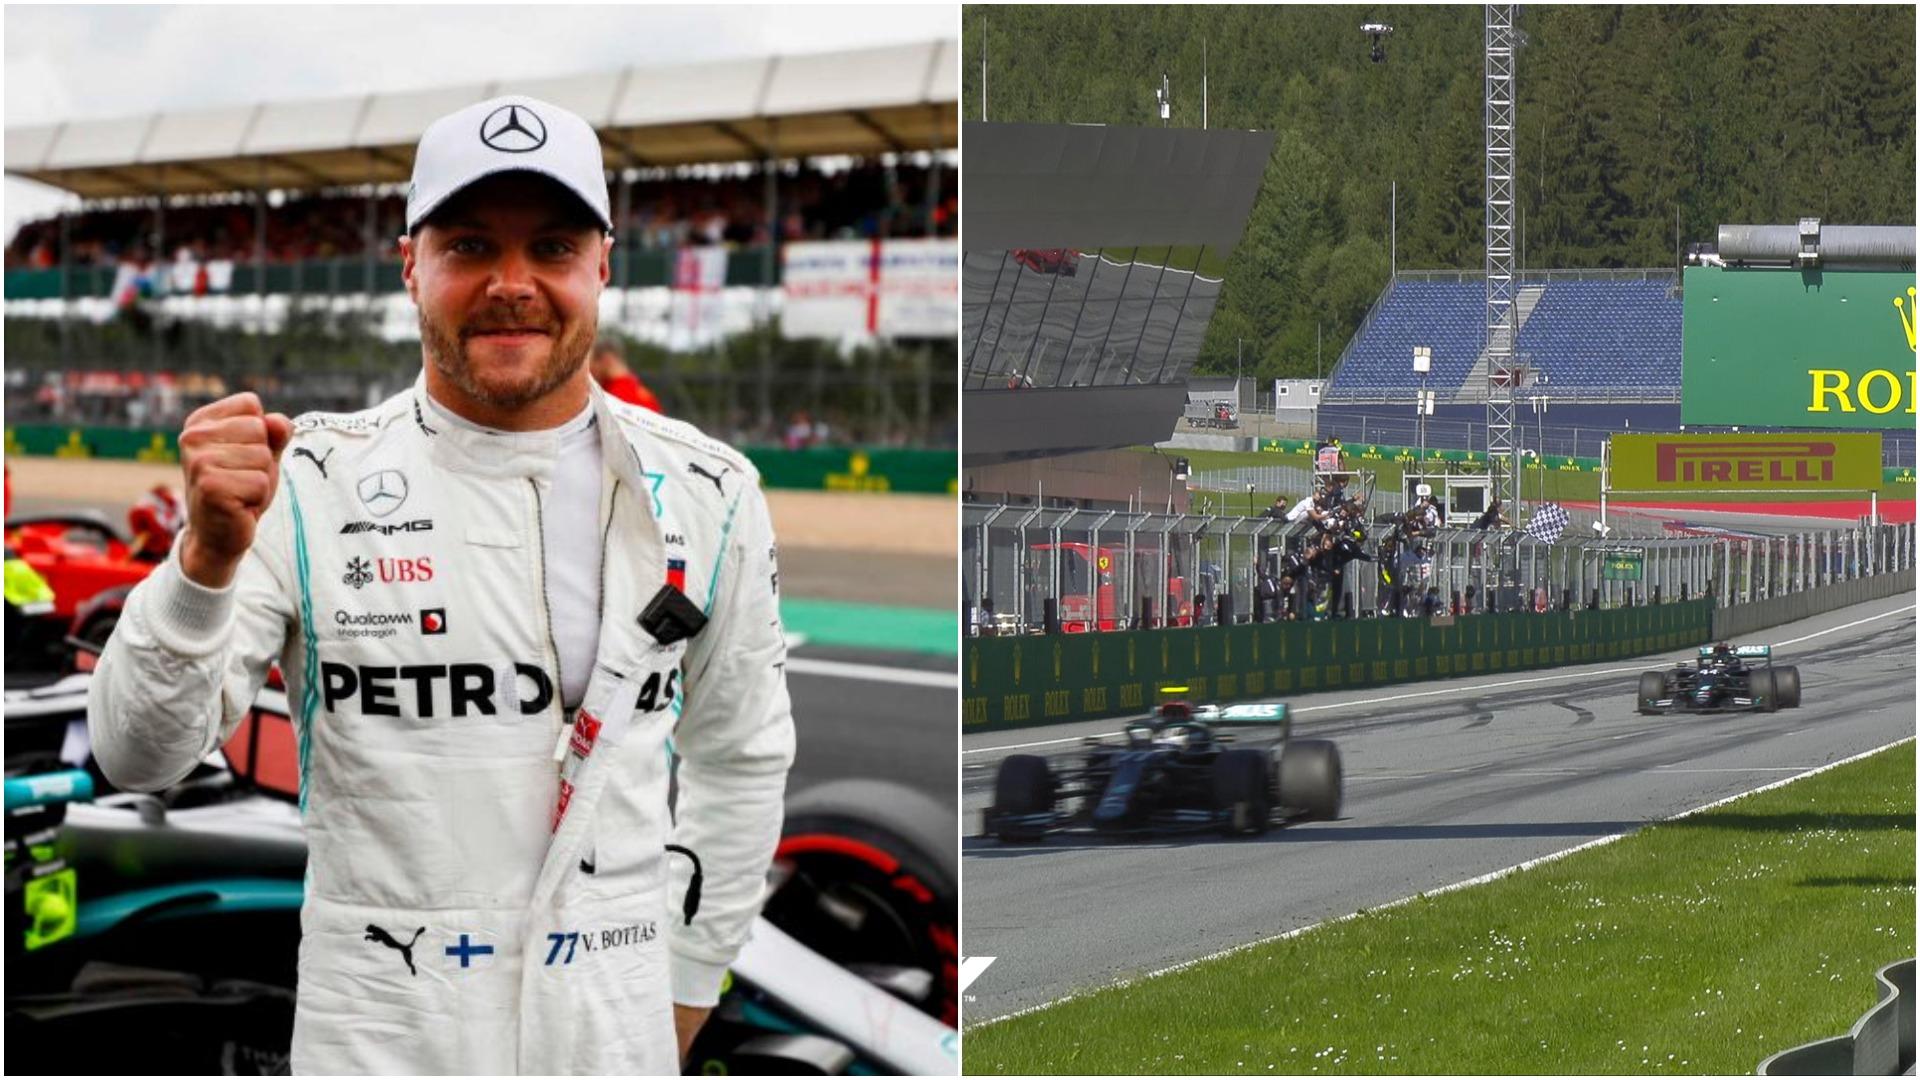 Formula 1/ Hamilton e pëson keq, Bottas fiton çmimin e madh të Austrisë